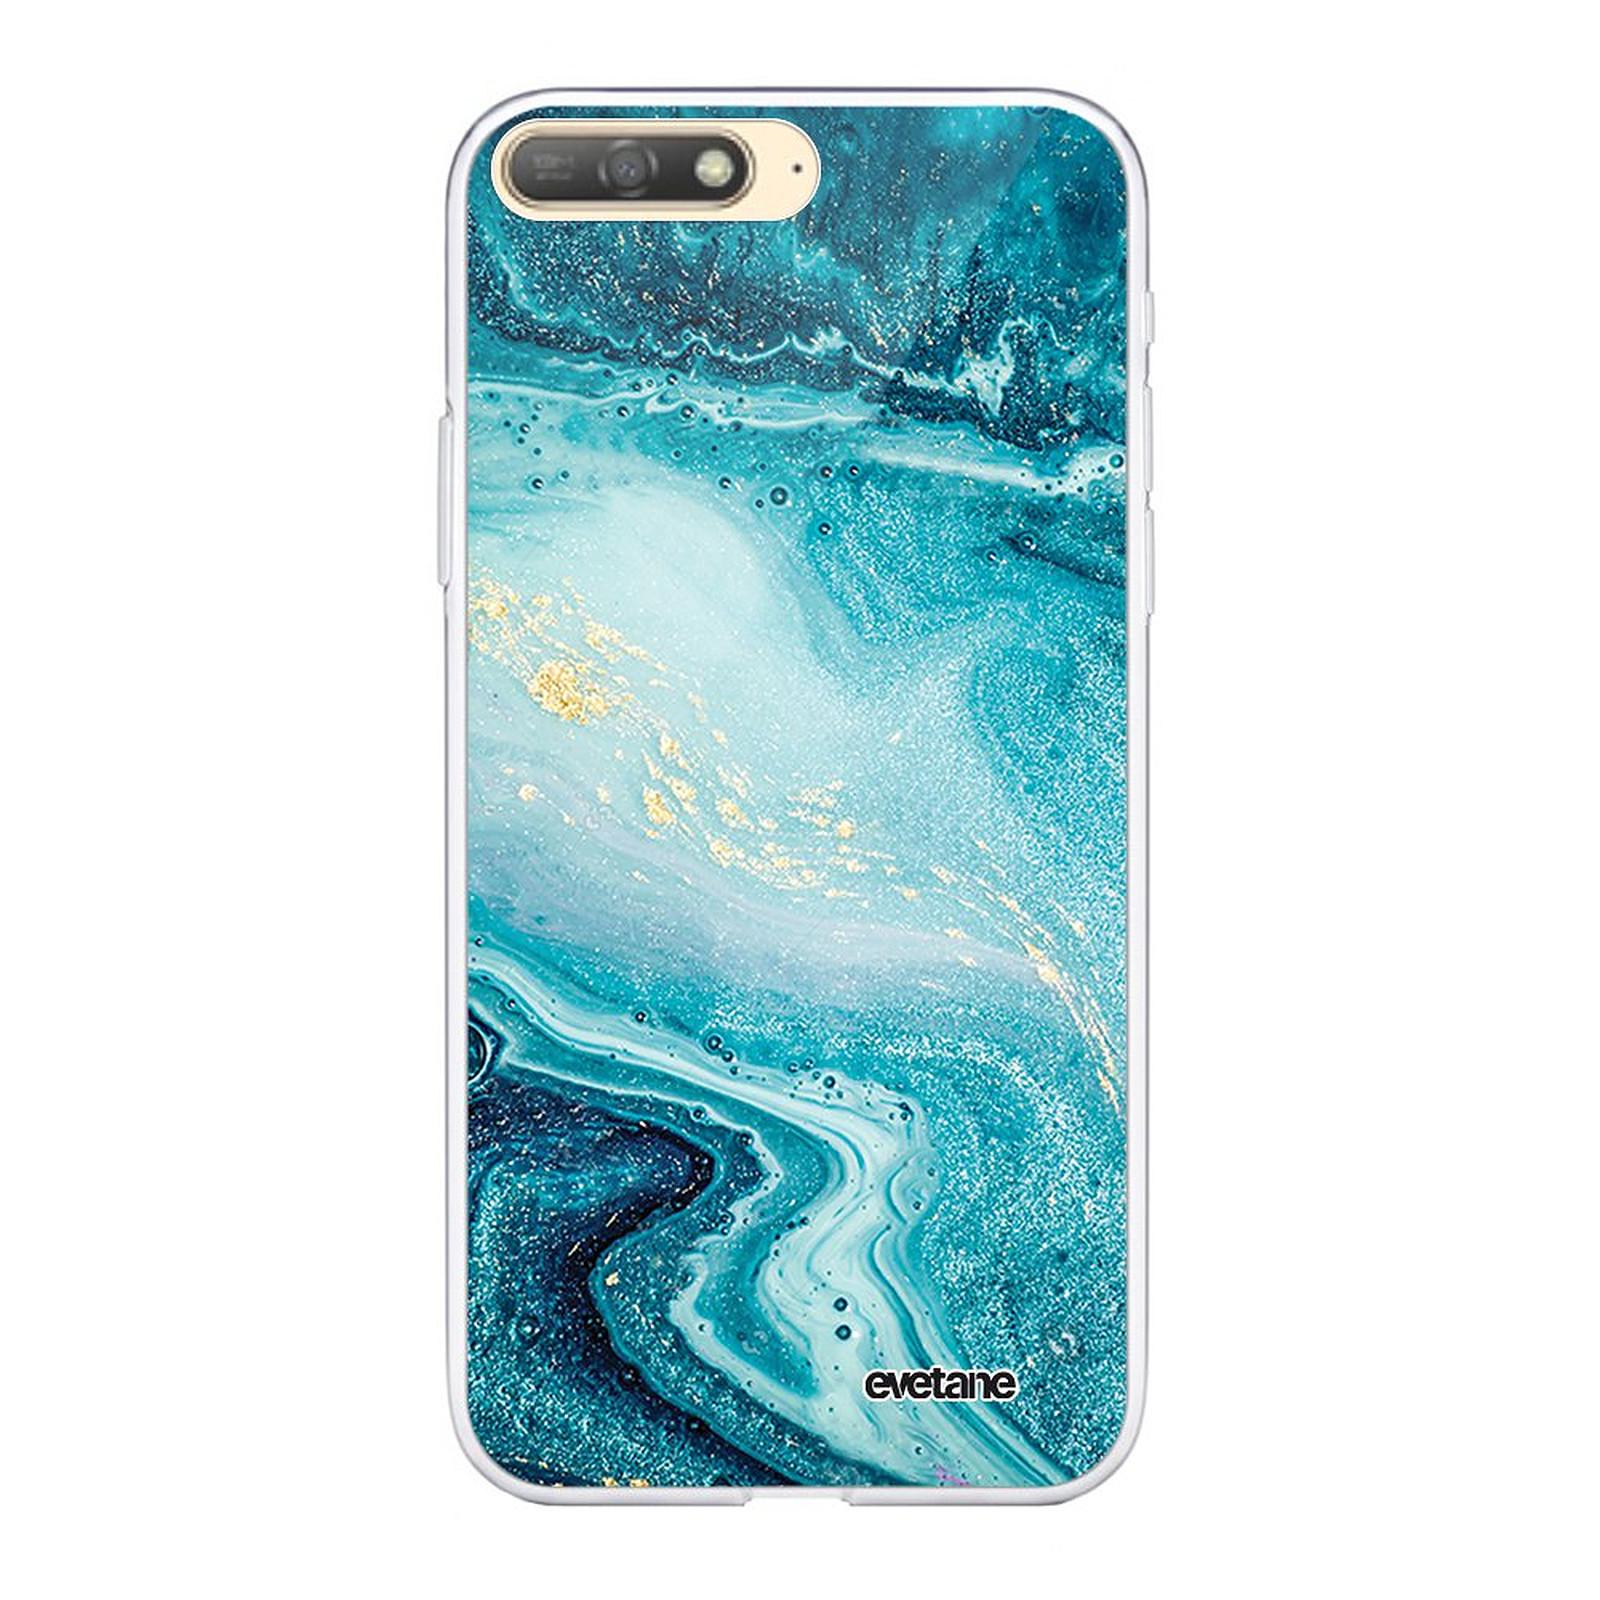 EVETANE Coque Huawei Y6 2018 souple transparente Bleu Nacré Marbre